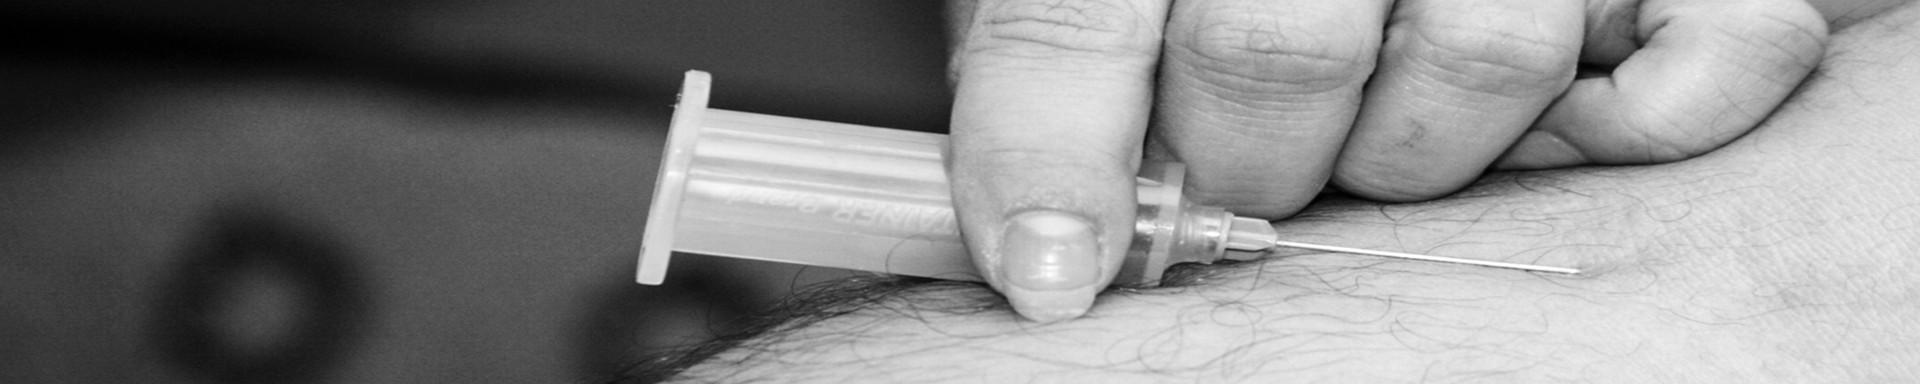 OBVESTILO: TESTIRANJE NA HEPATITIS C IN FIBROSCAN